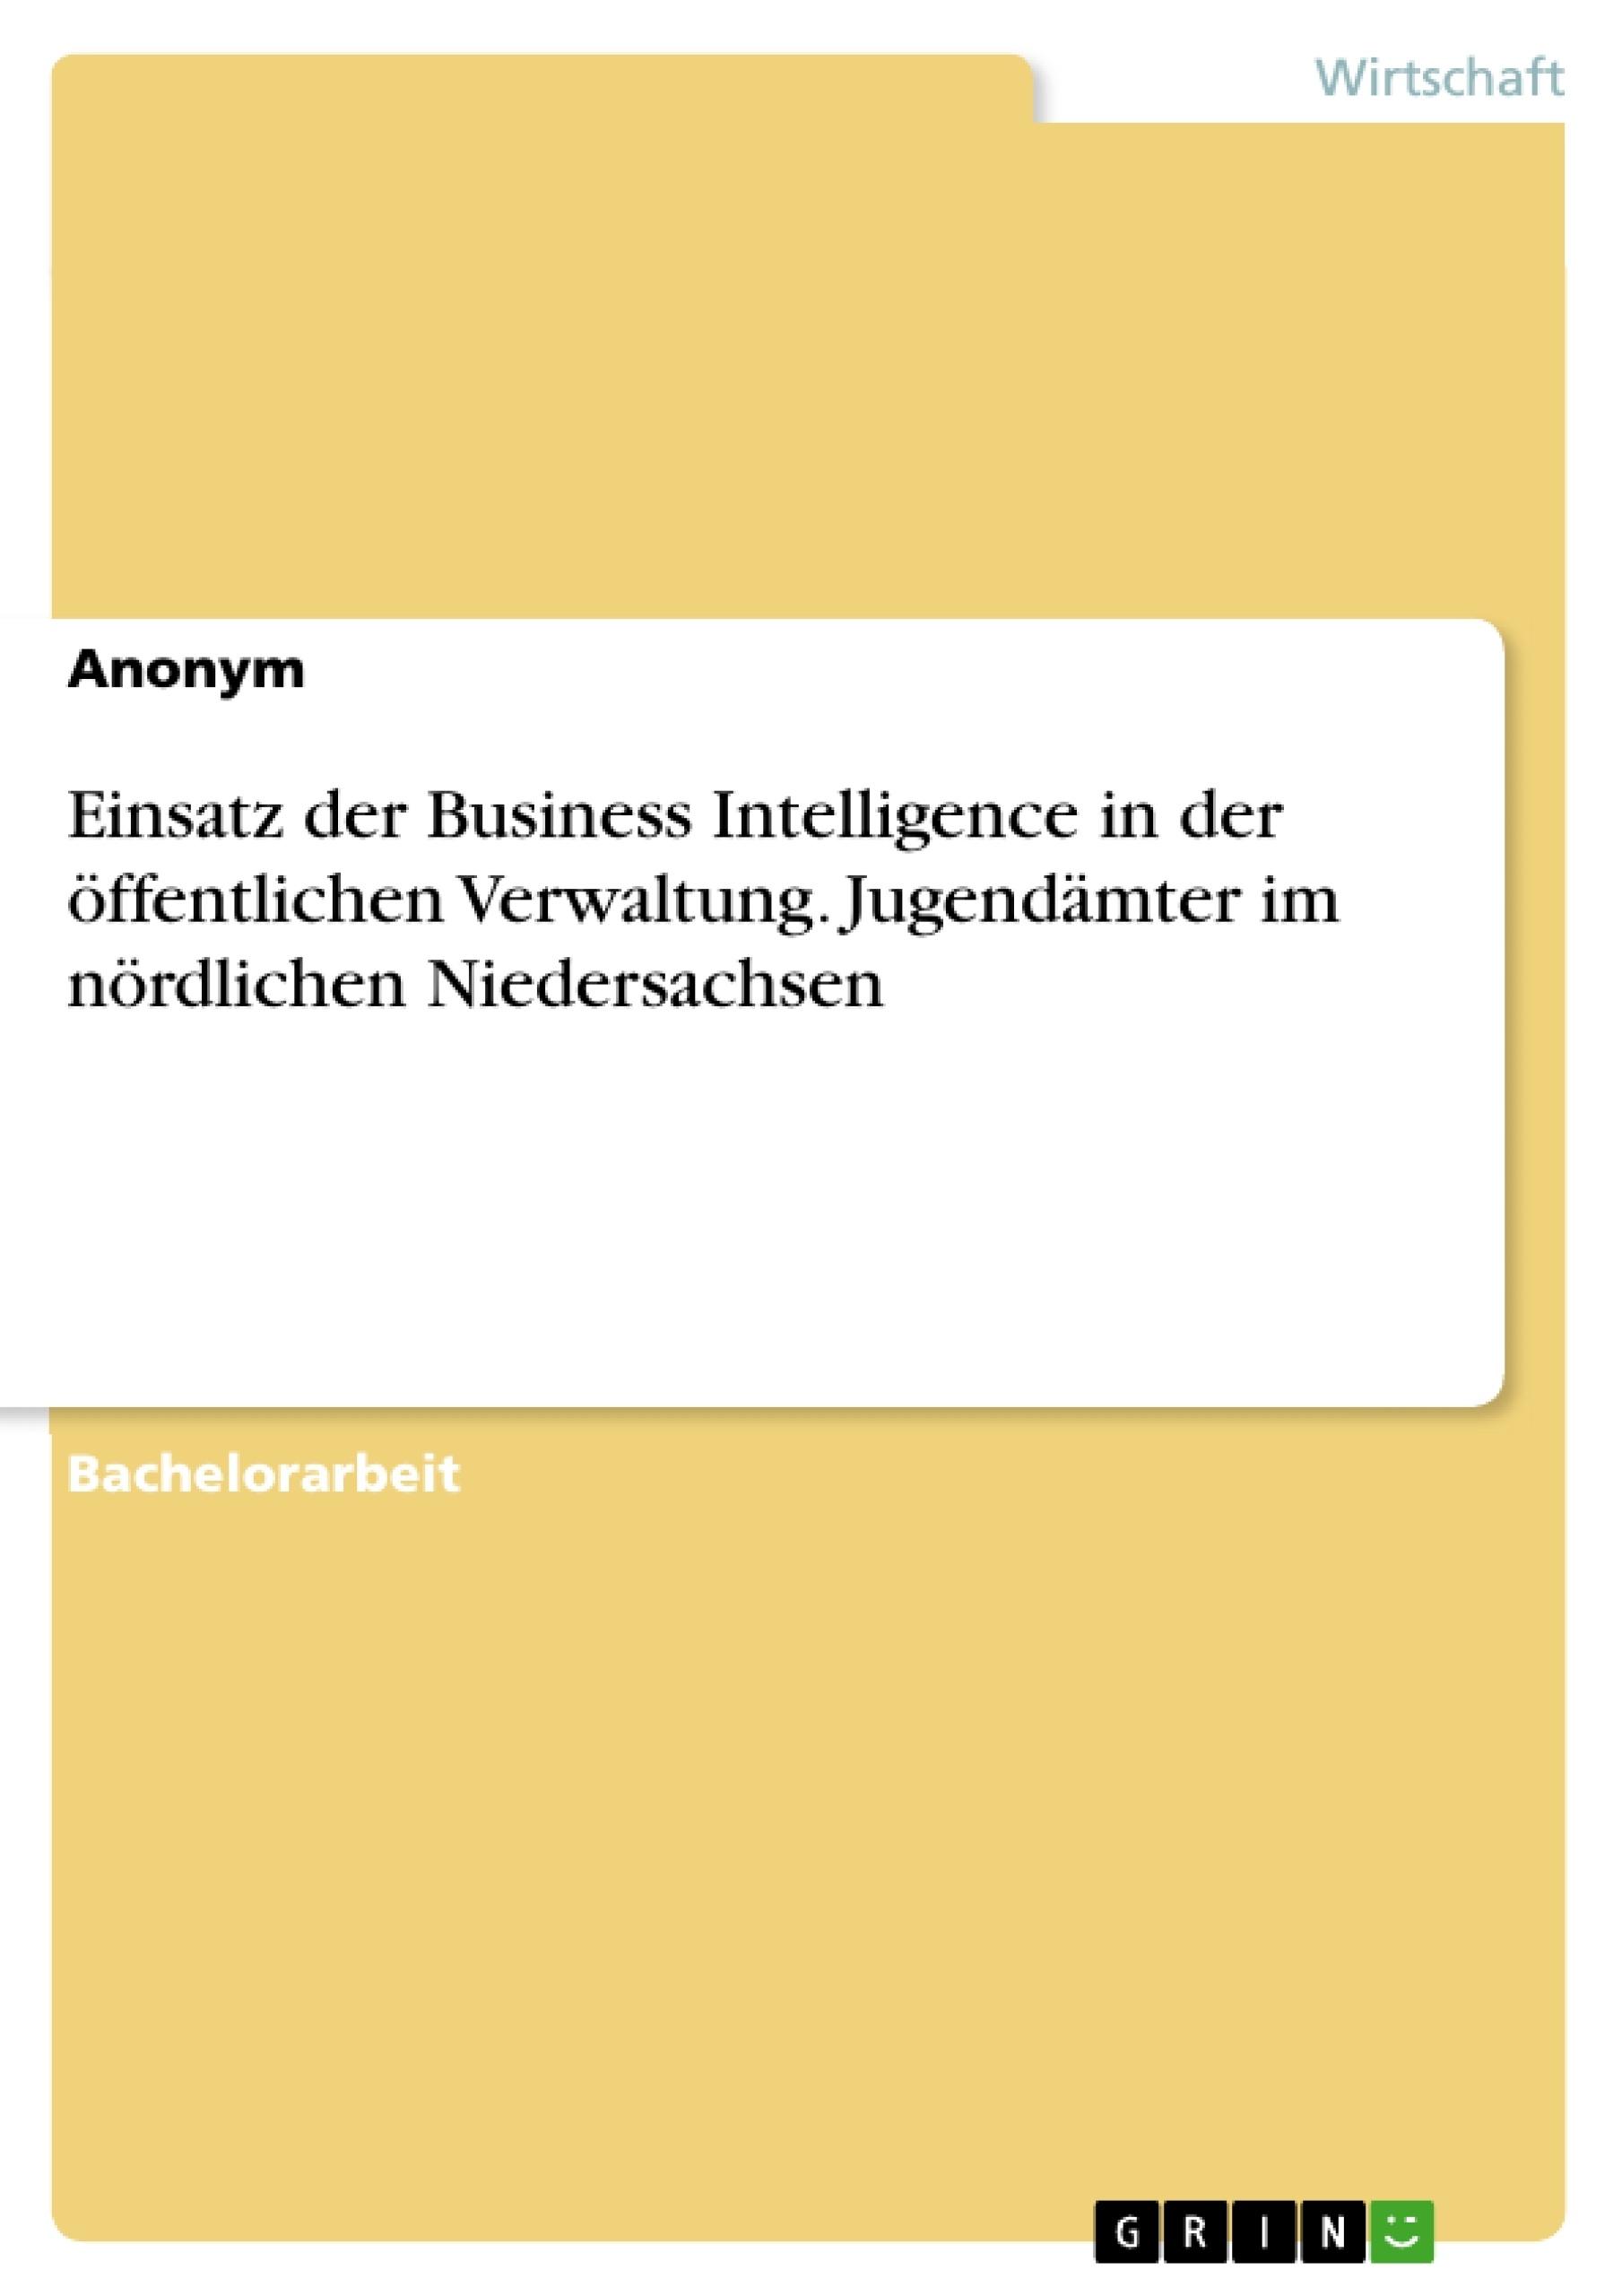 Titel: Einsatz der Business Intelligence in der öffentlichen Verwaltung. Jugendämter im nördlichen Niedersachsen